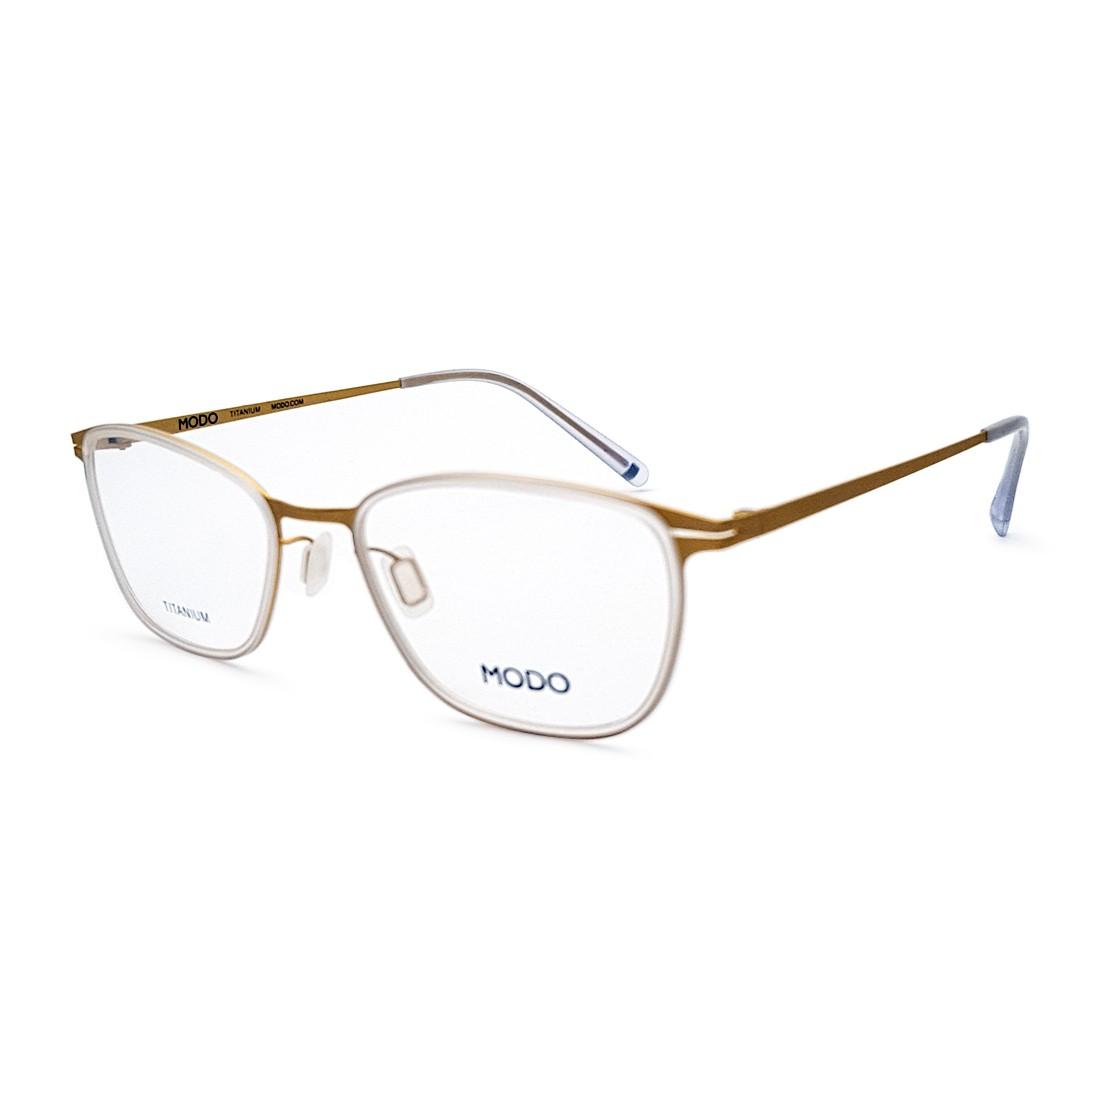 MODO 4409